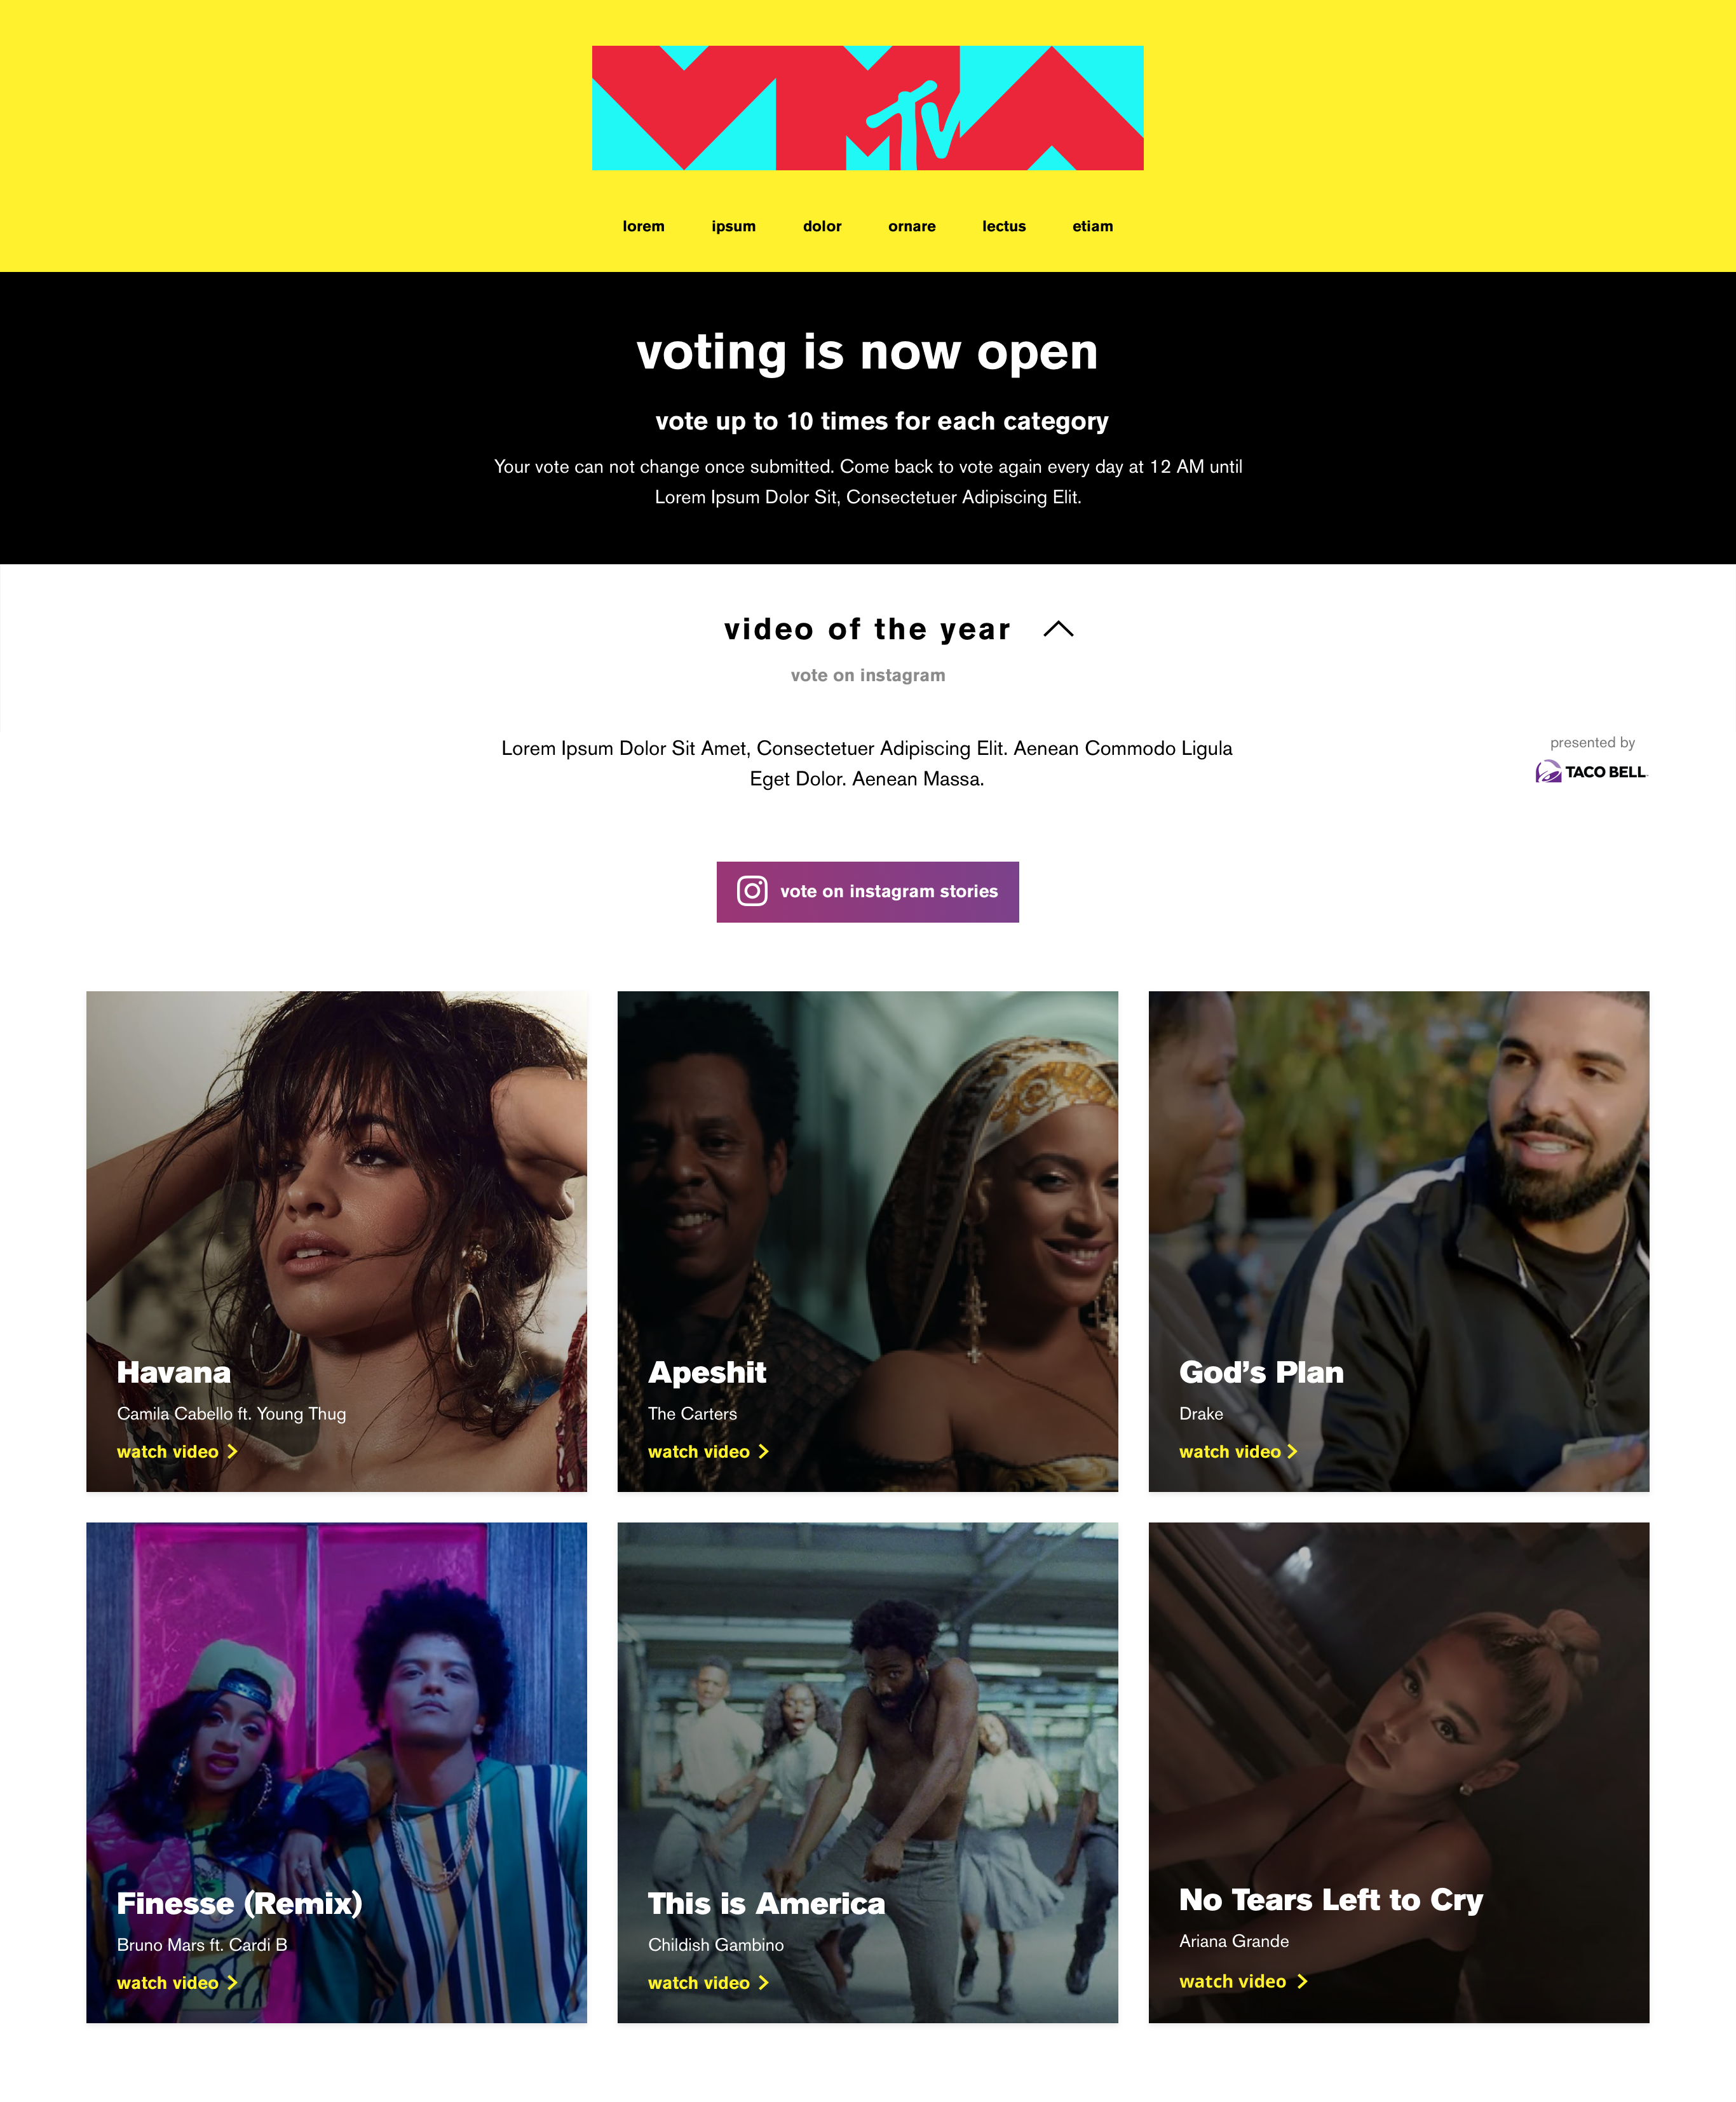 Instagram-Stories-vote